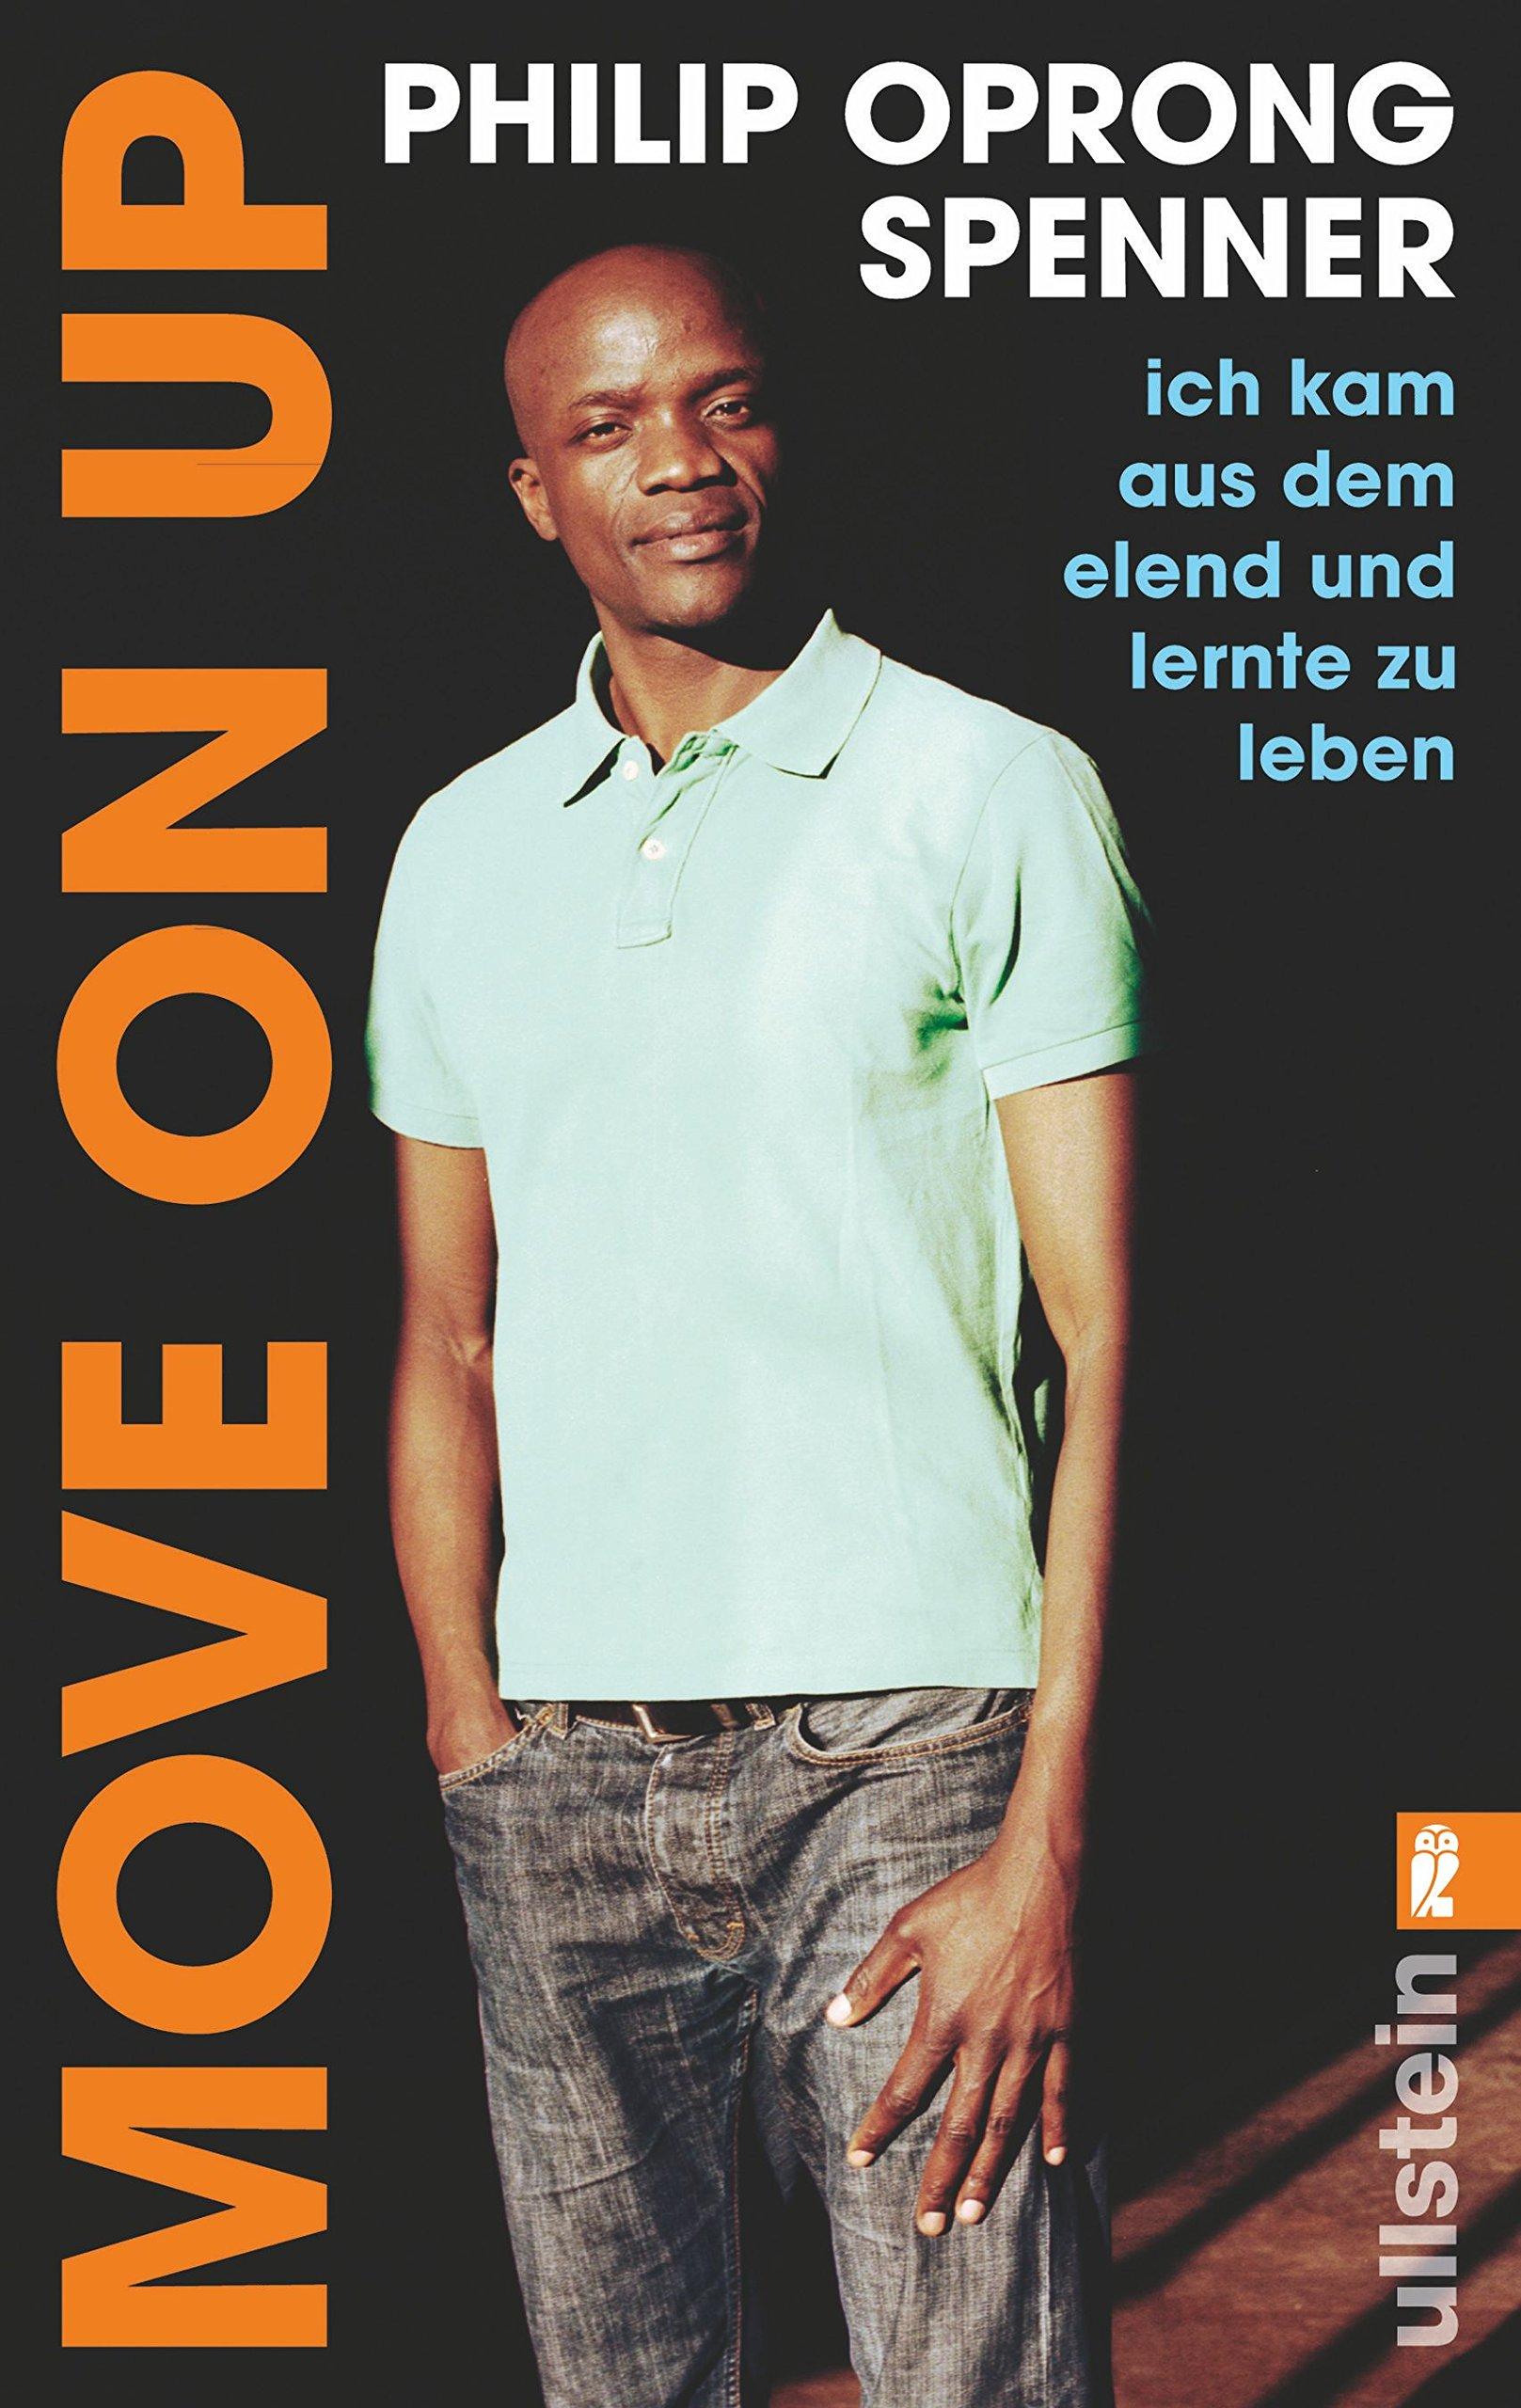 Move on up: Ich kam aus dem Elend und lernte zu leben